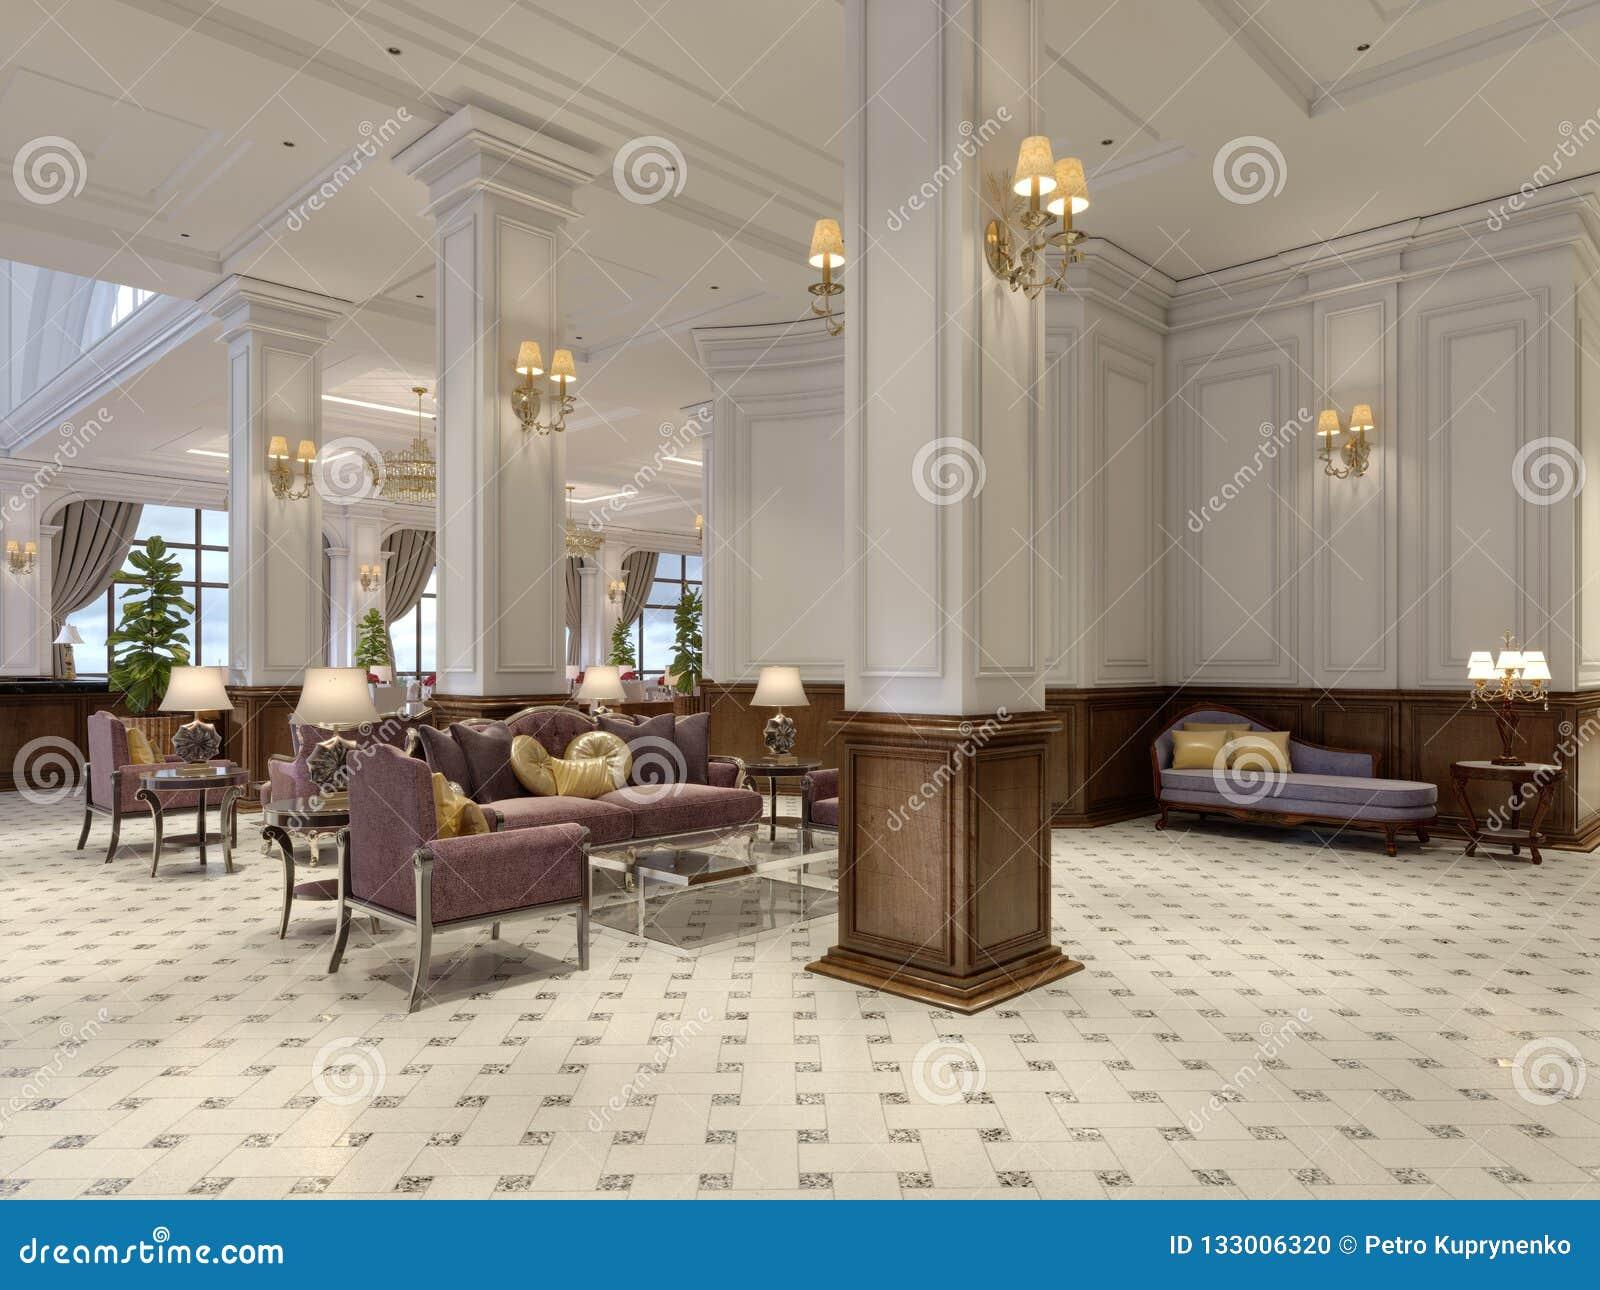 Лобби гостиницы в классическом стиле с роскошной залой мебели стиля Арт Деко и плитки мозаики